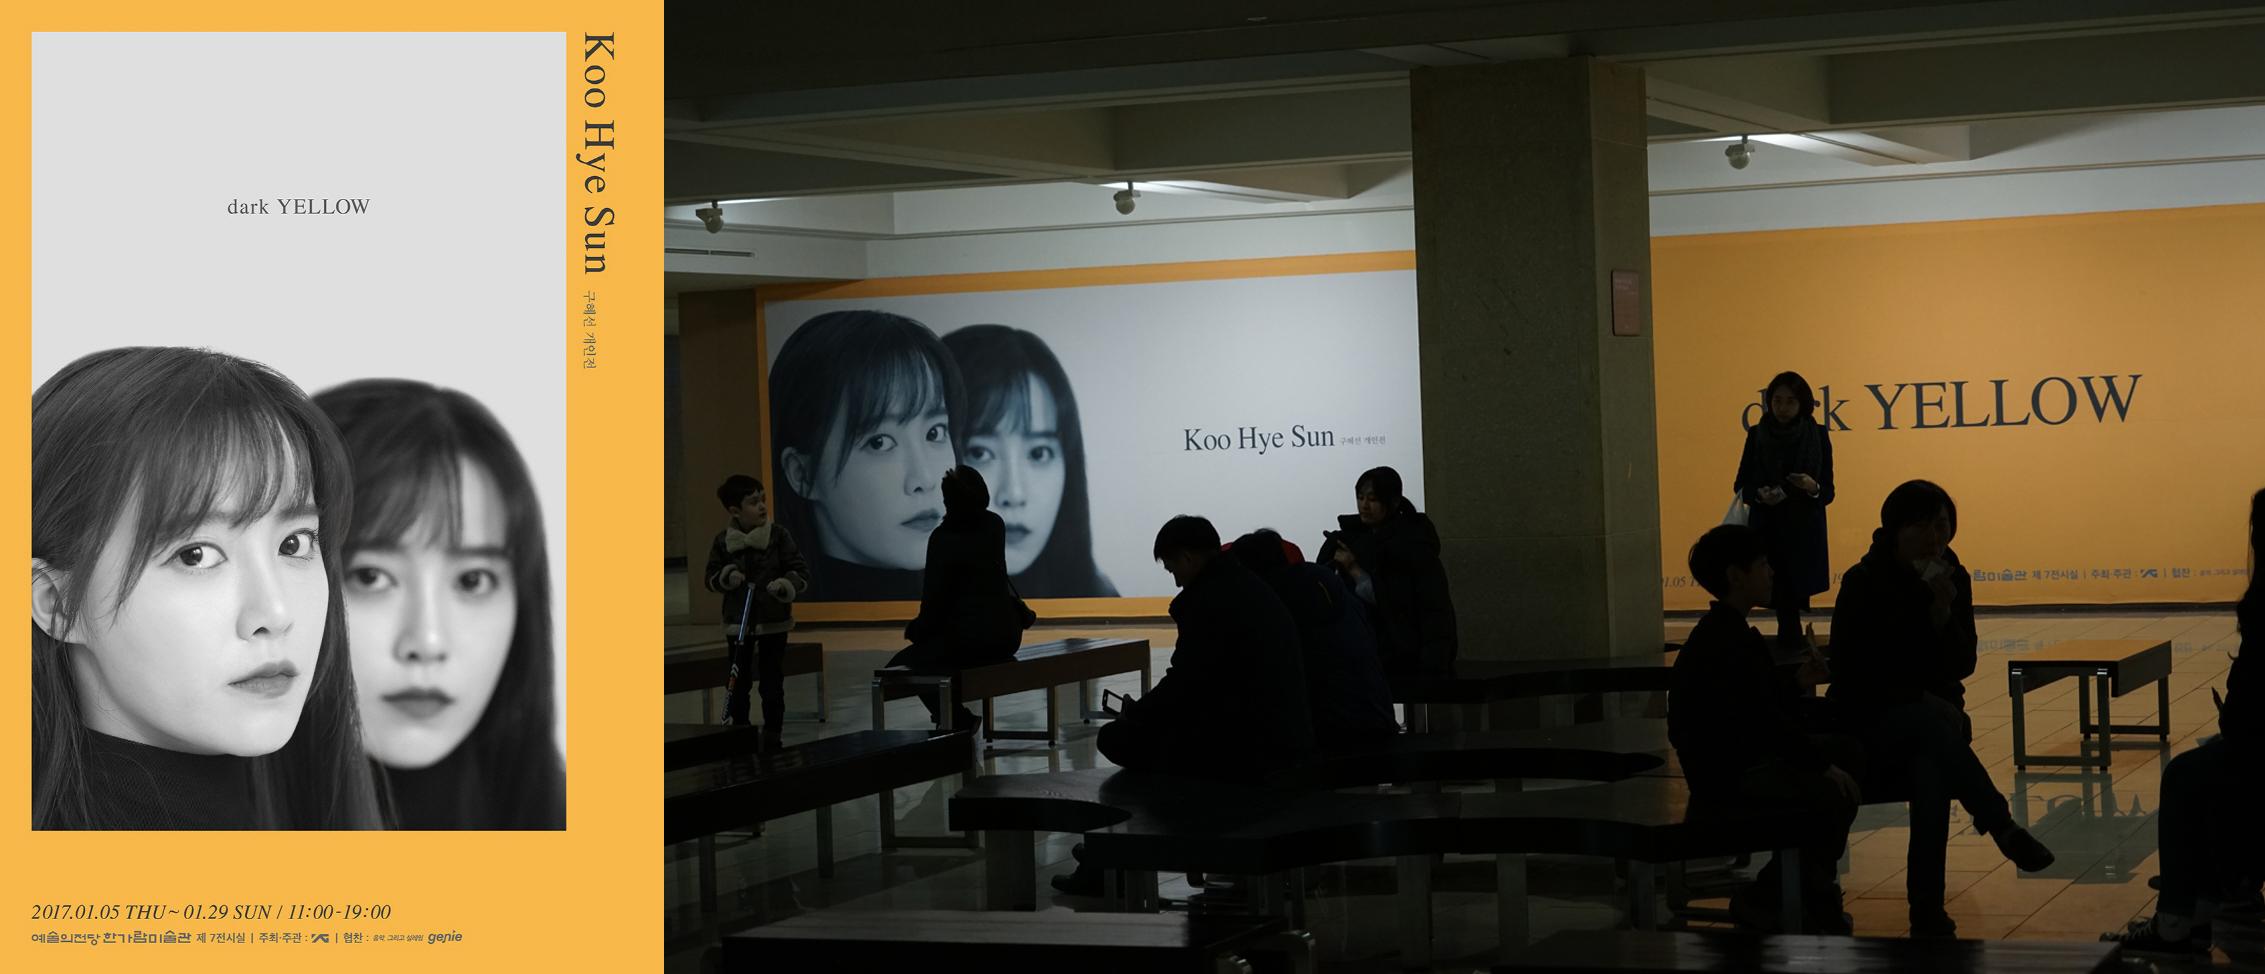 구혜선 개인전 dark YELLOW(순수, 공포 그리..